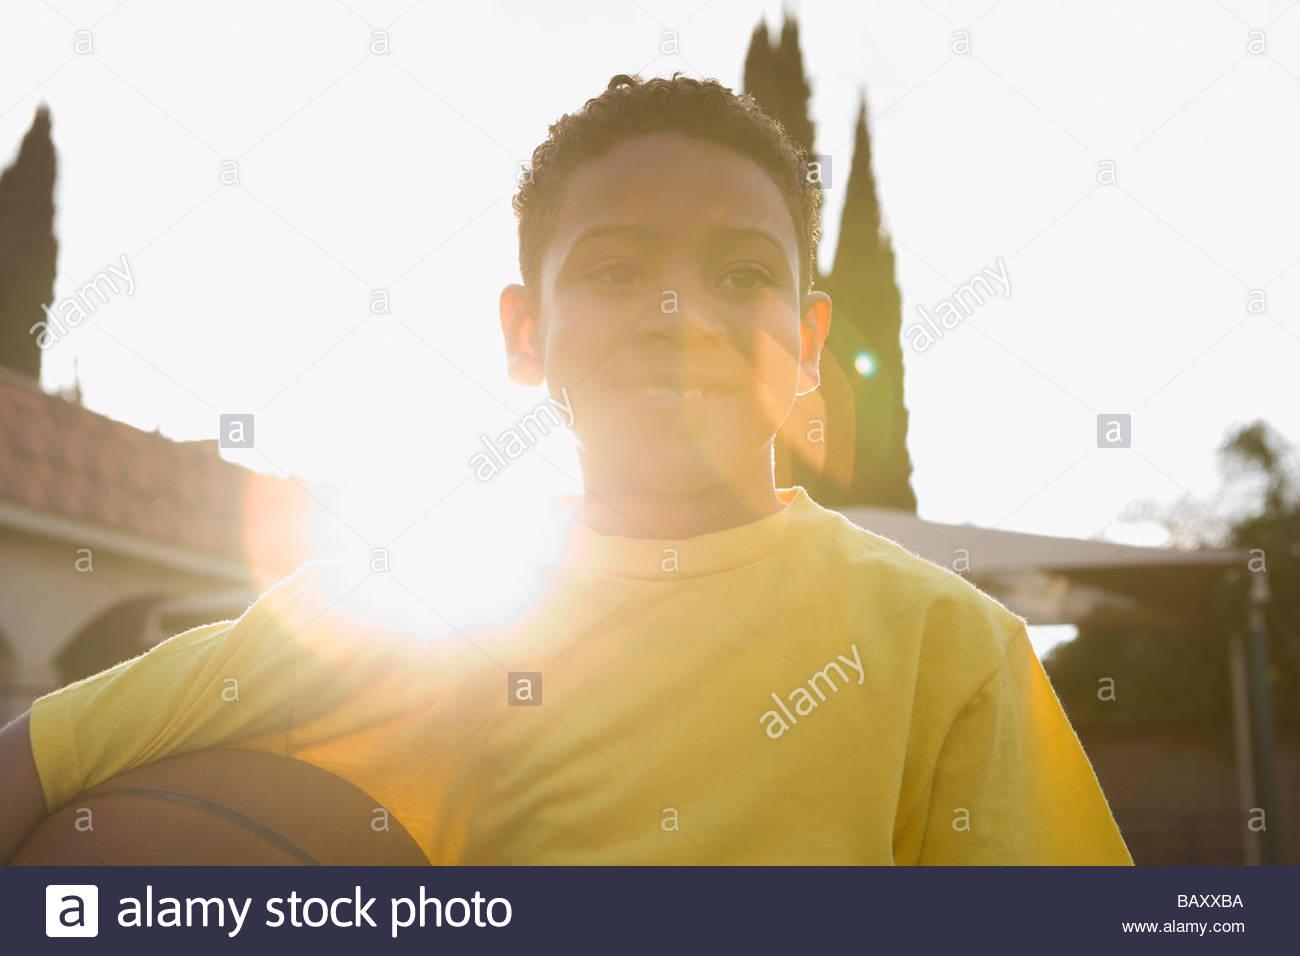 Boy Holding Basketball im freien Stockbild